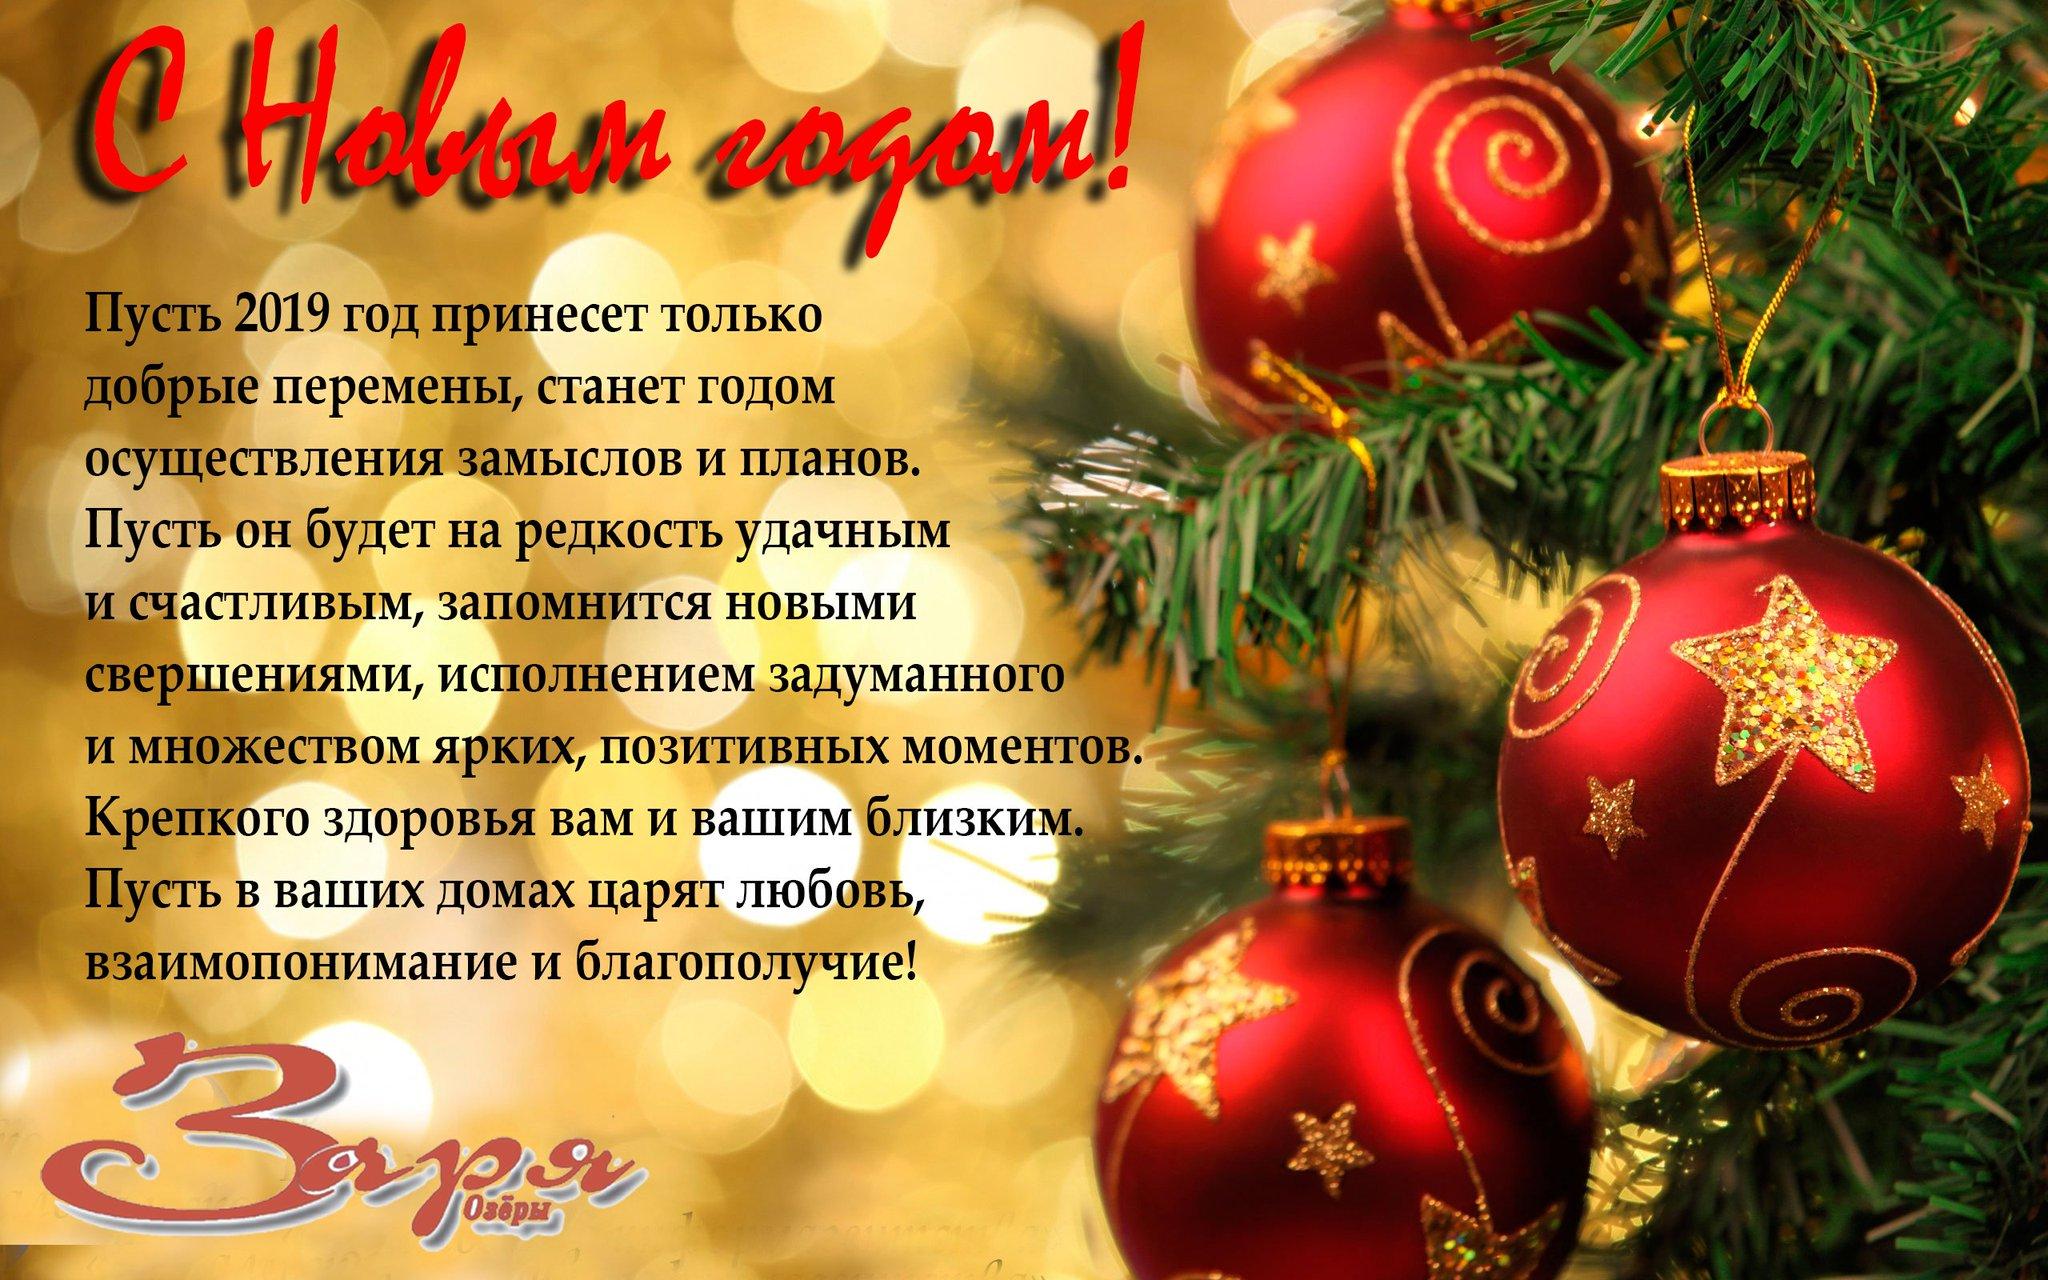 поздравления с новым годом брату от брата амулет призван